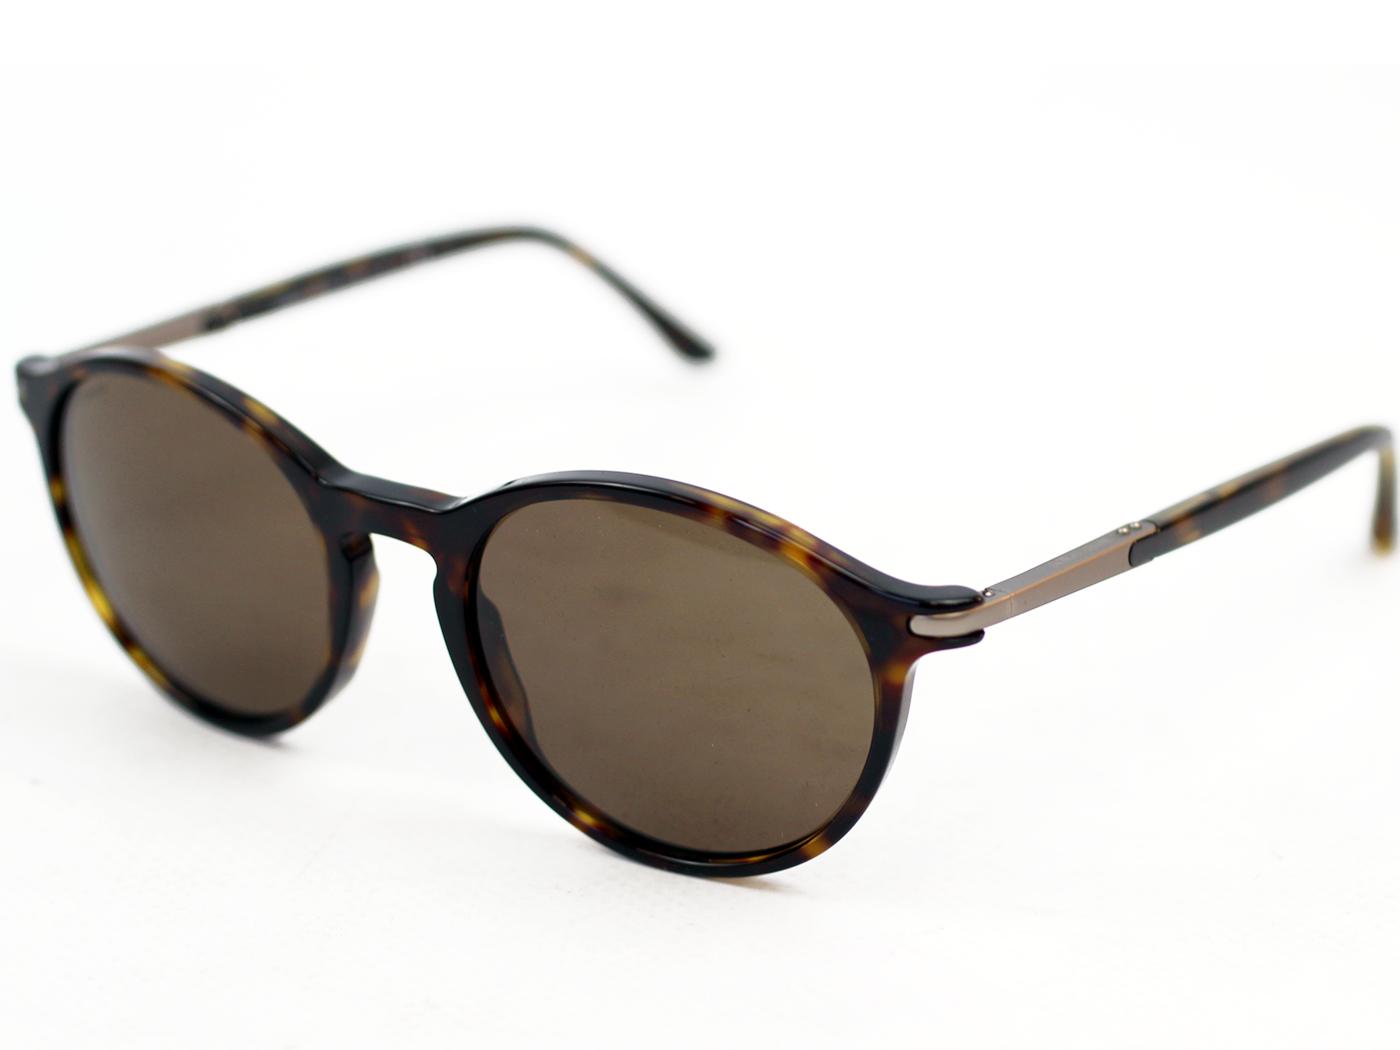 33fe19f9da4 Giorgio Armani Retro Mod 60s Style Round Sunglasses 0AR8009